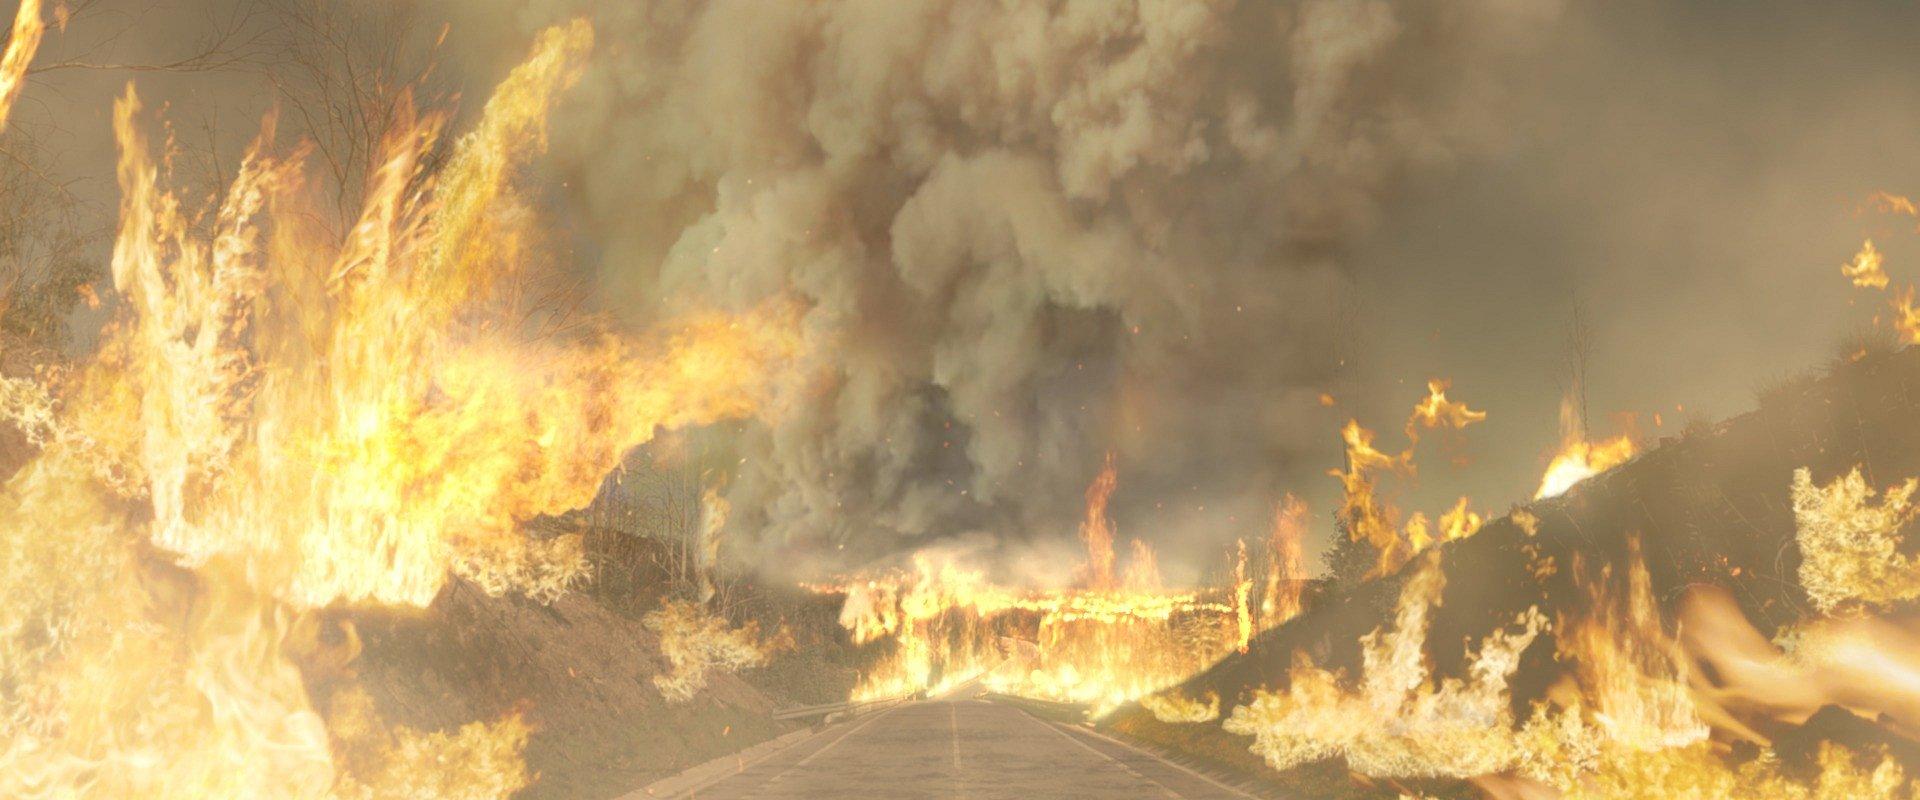 'TESTEMUNHOS DO DESASTRE': AS IMAGENS MAIS IMPRESSIONANTES DE ALGUMAS DAS MAIORES CATÁSTROFES NATURAIS DO MUNDO